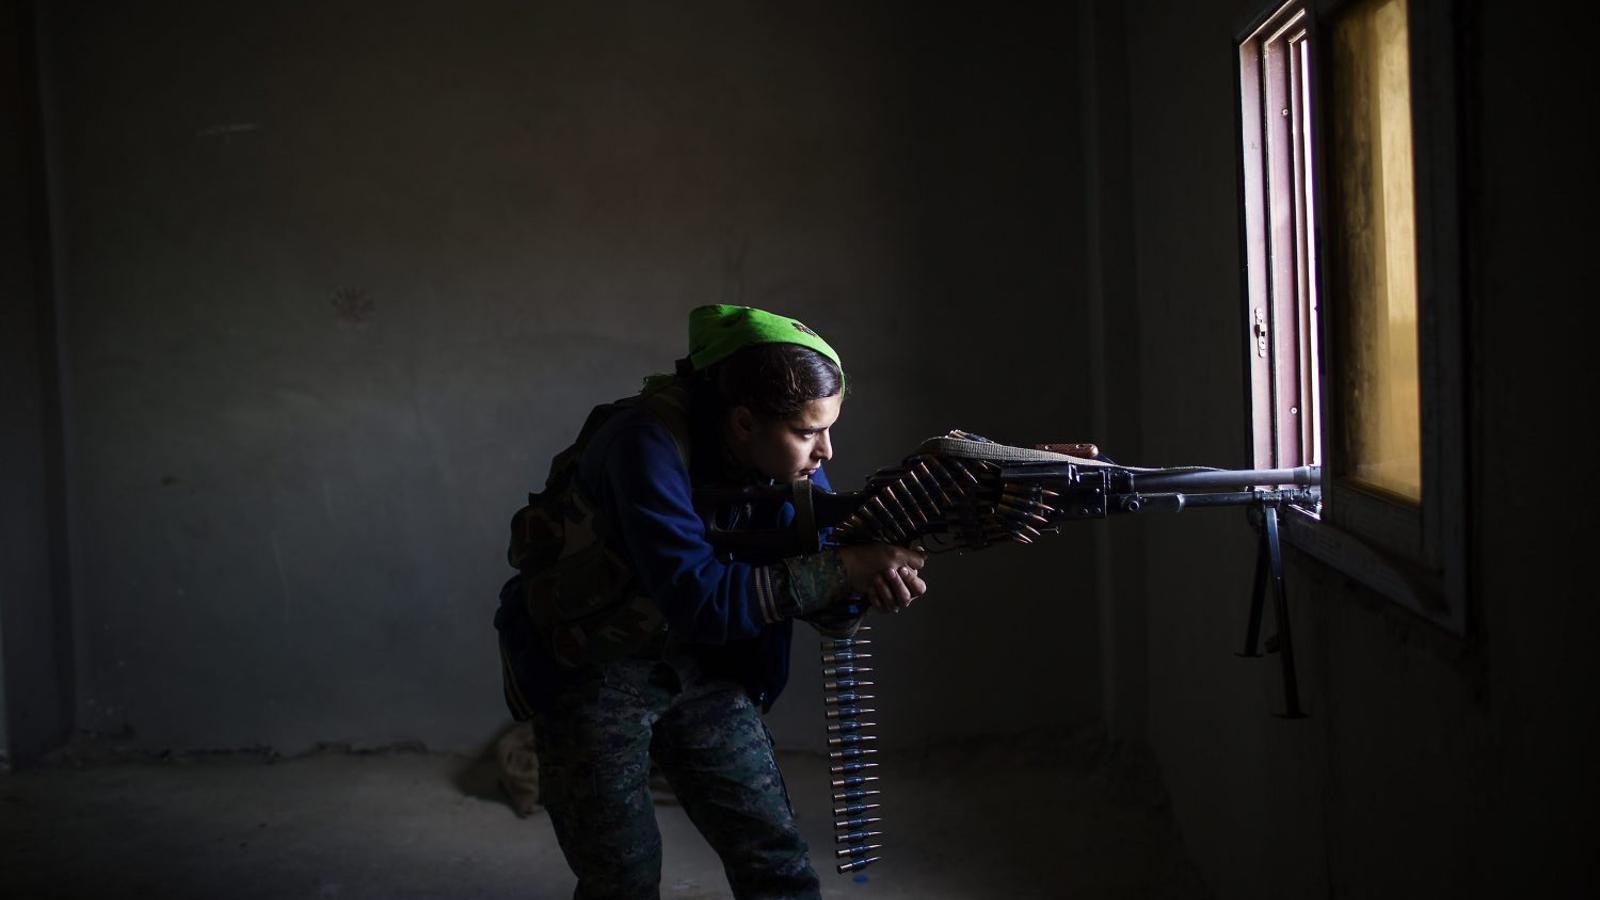 L'Estat Islàmic  té por de les milicianes kurdes